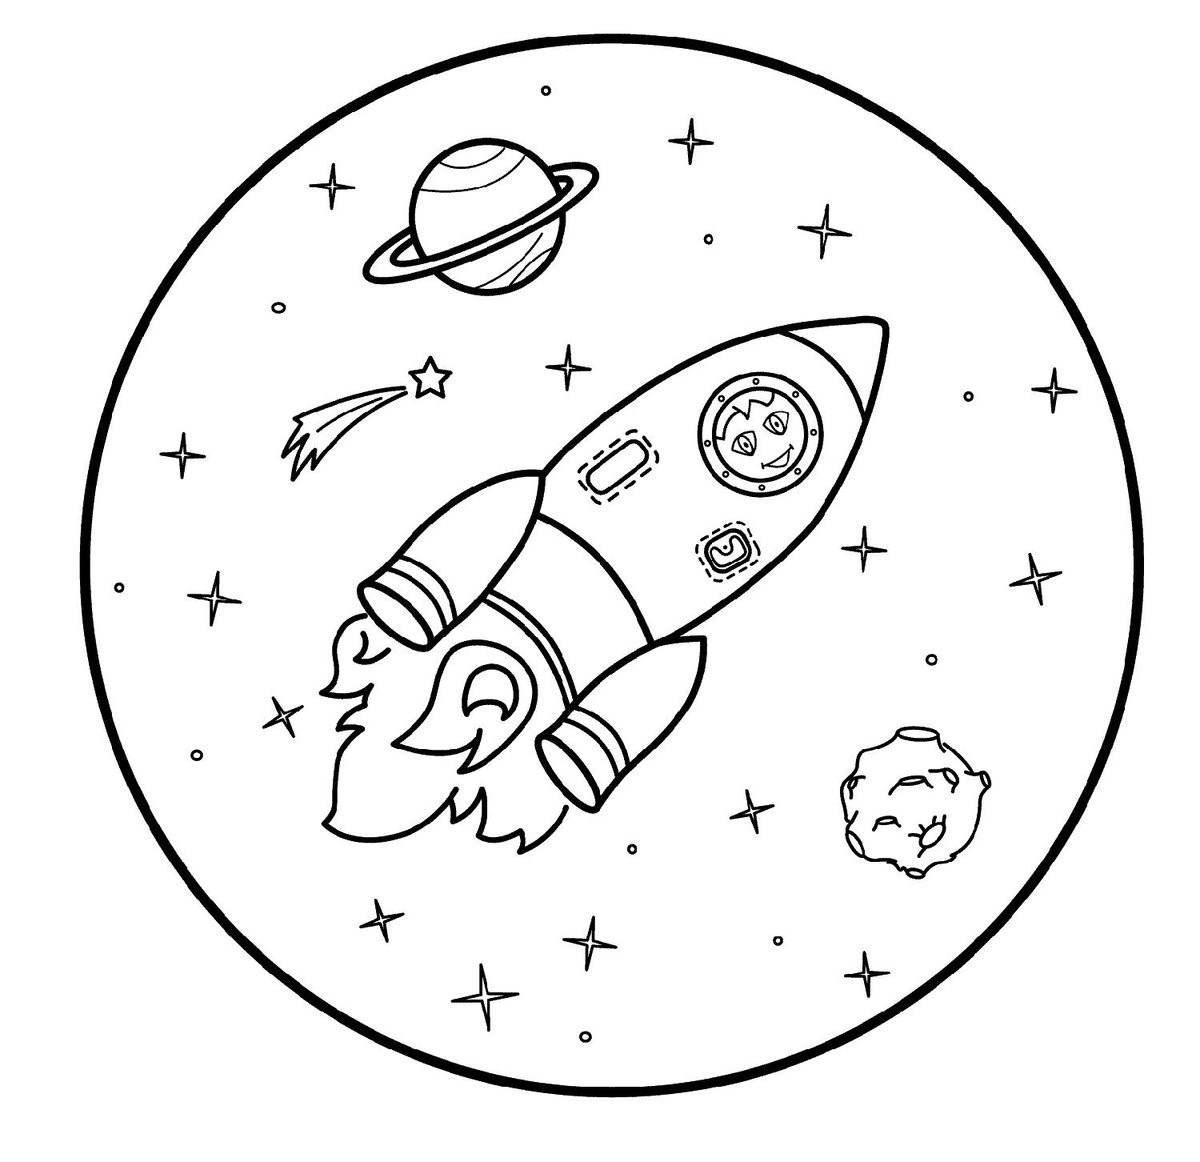 бесконечно бьются картинки раскраски о космосе известно первых